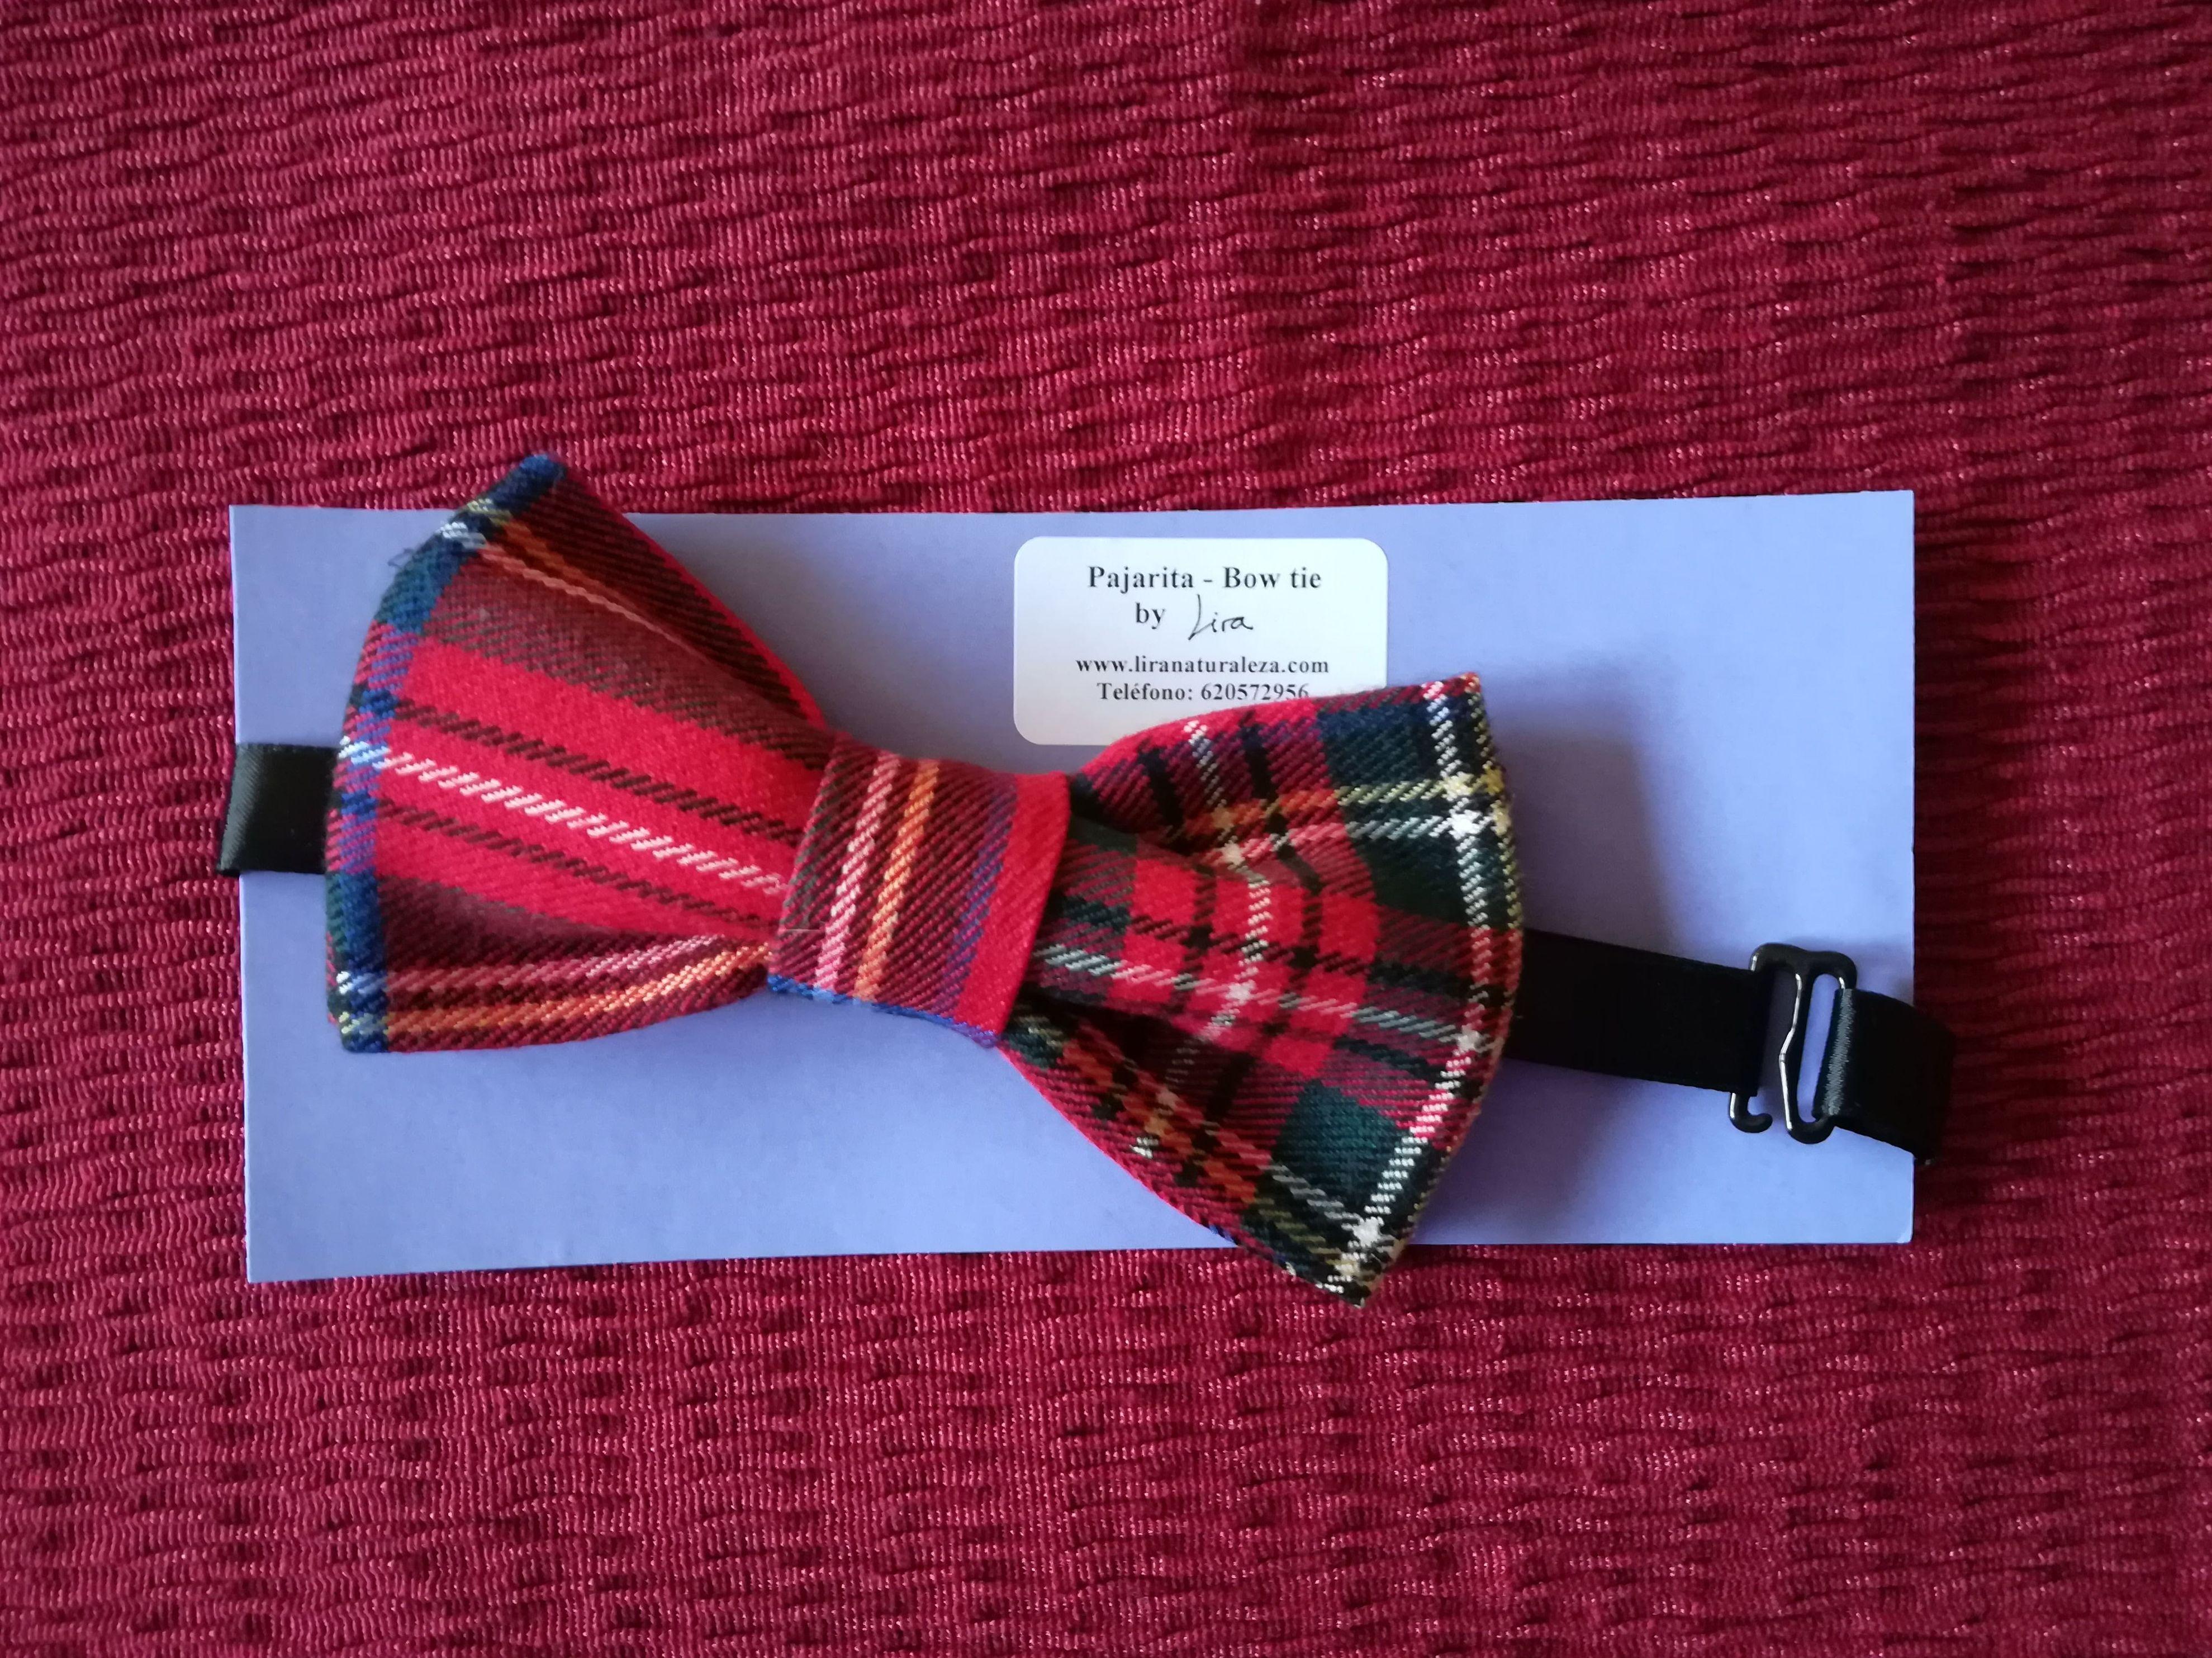 Pajarita de Lira en tela de cuadros escoceses.